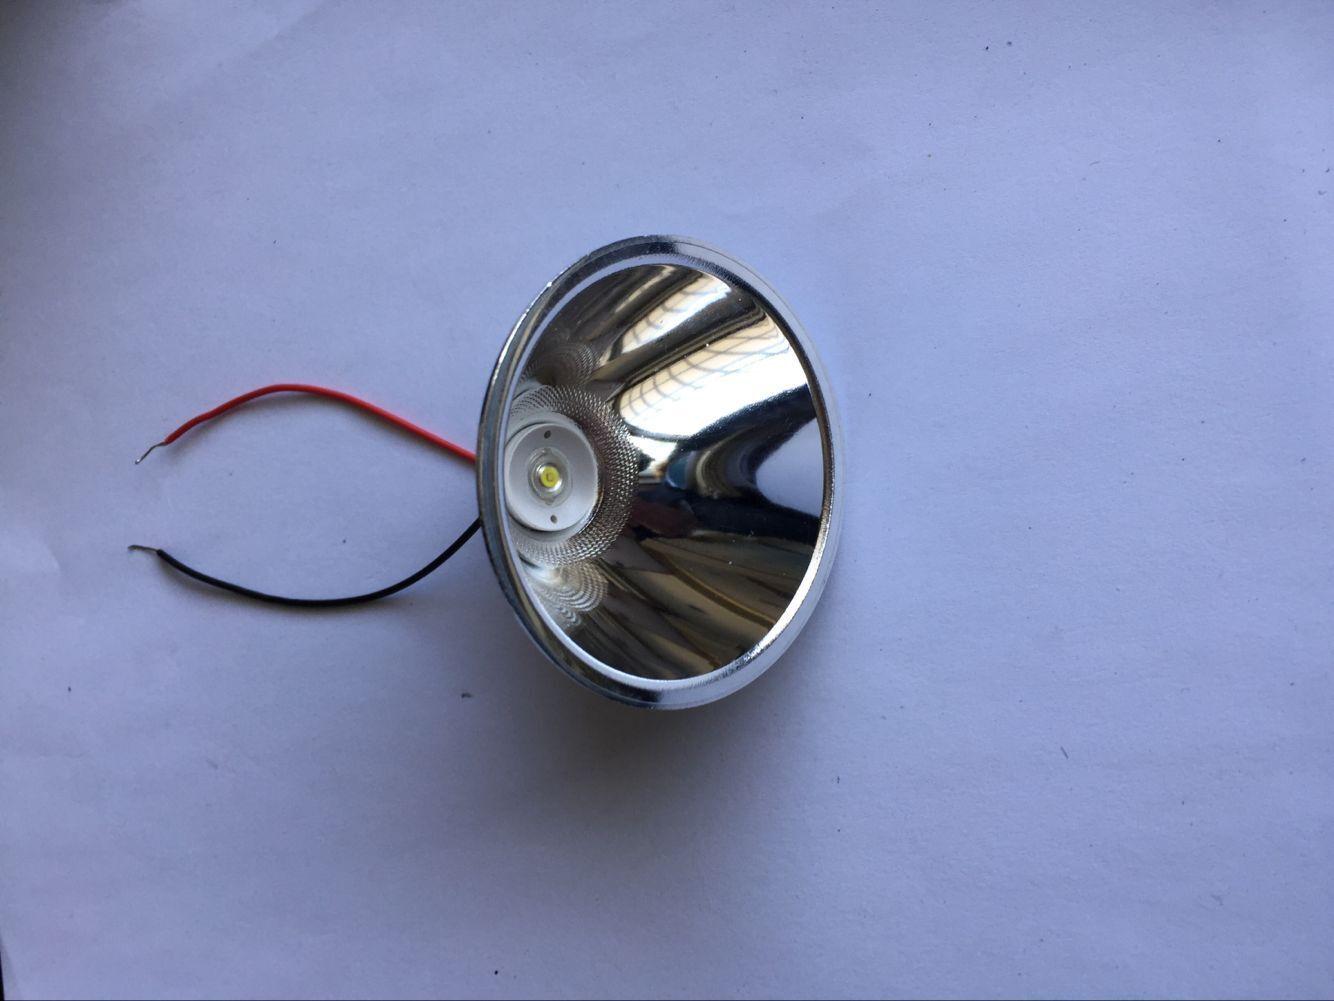 YONGNUO Cup phản quang Đèn pin câu cá có kích cỡ khác nhau Phản xạ nhựa Hợp kim nhôm cốc tập trung L